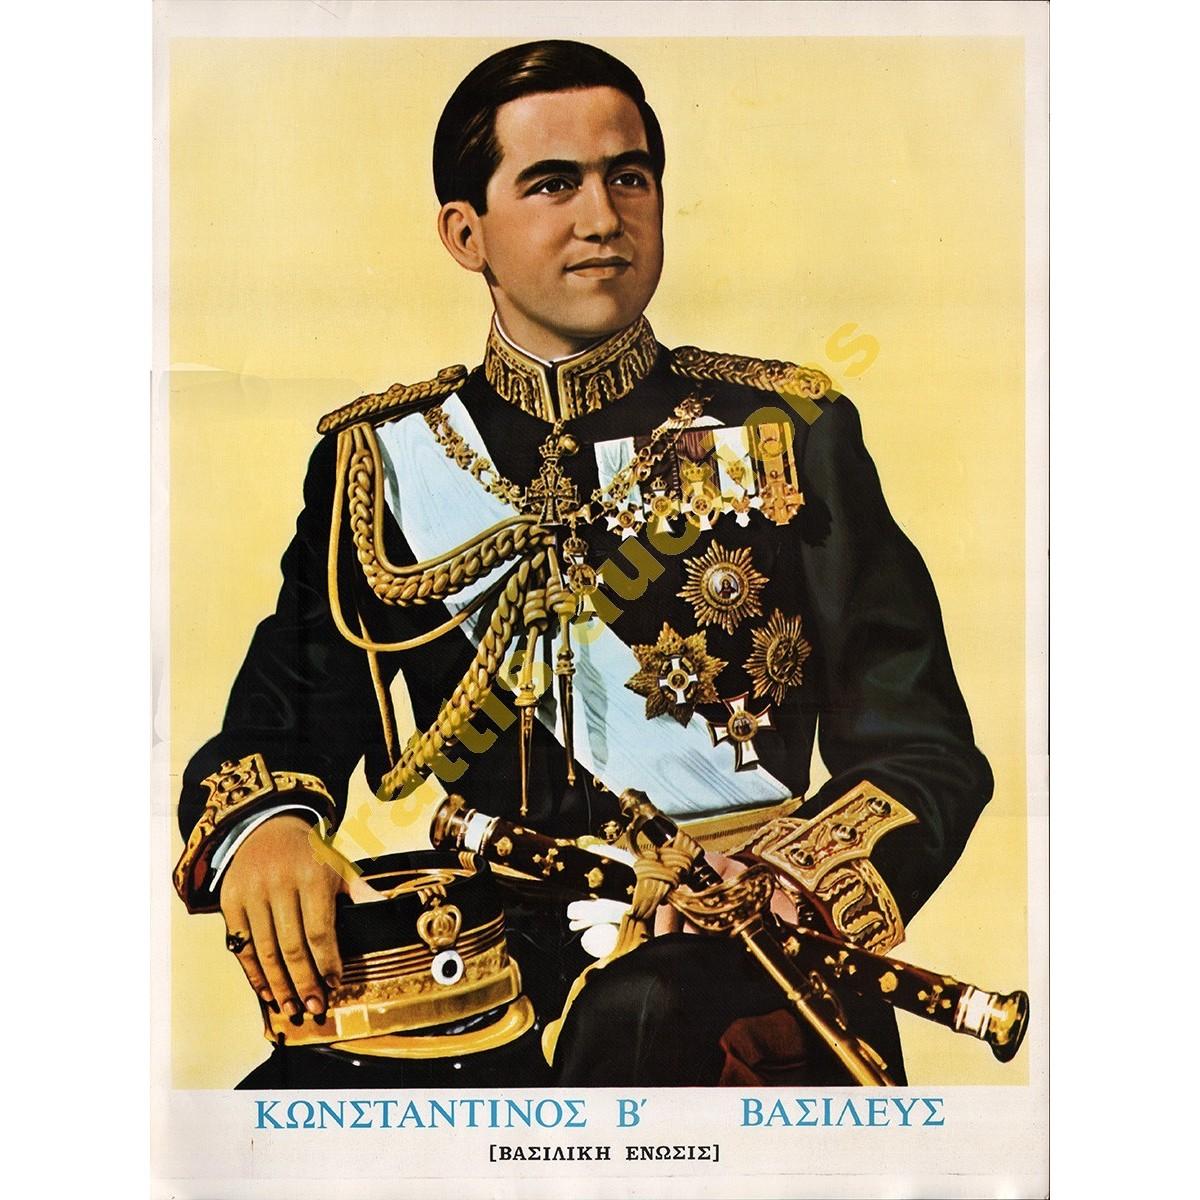 Κωνσταντίνος Β' Βασιλεύς (Βασιλική ένωσις), χάρτινο poster.